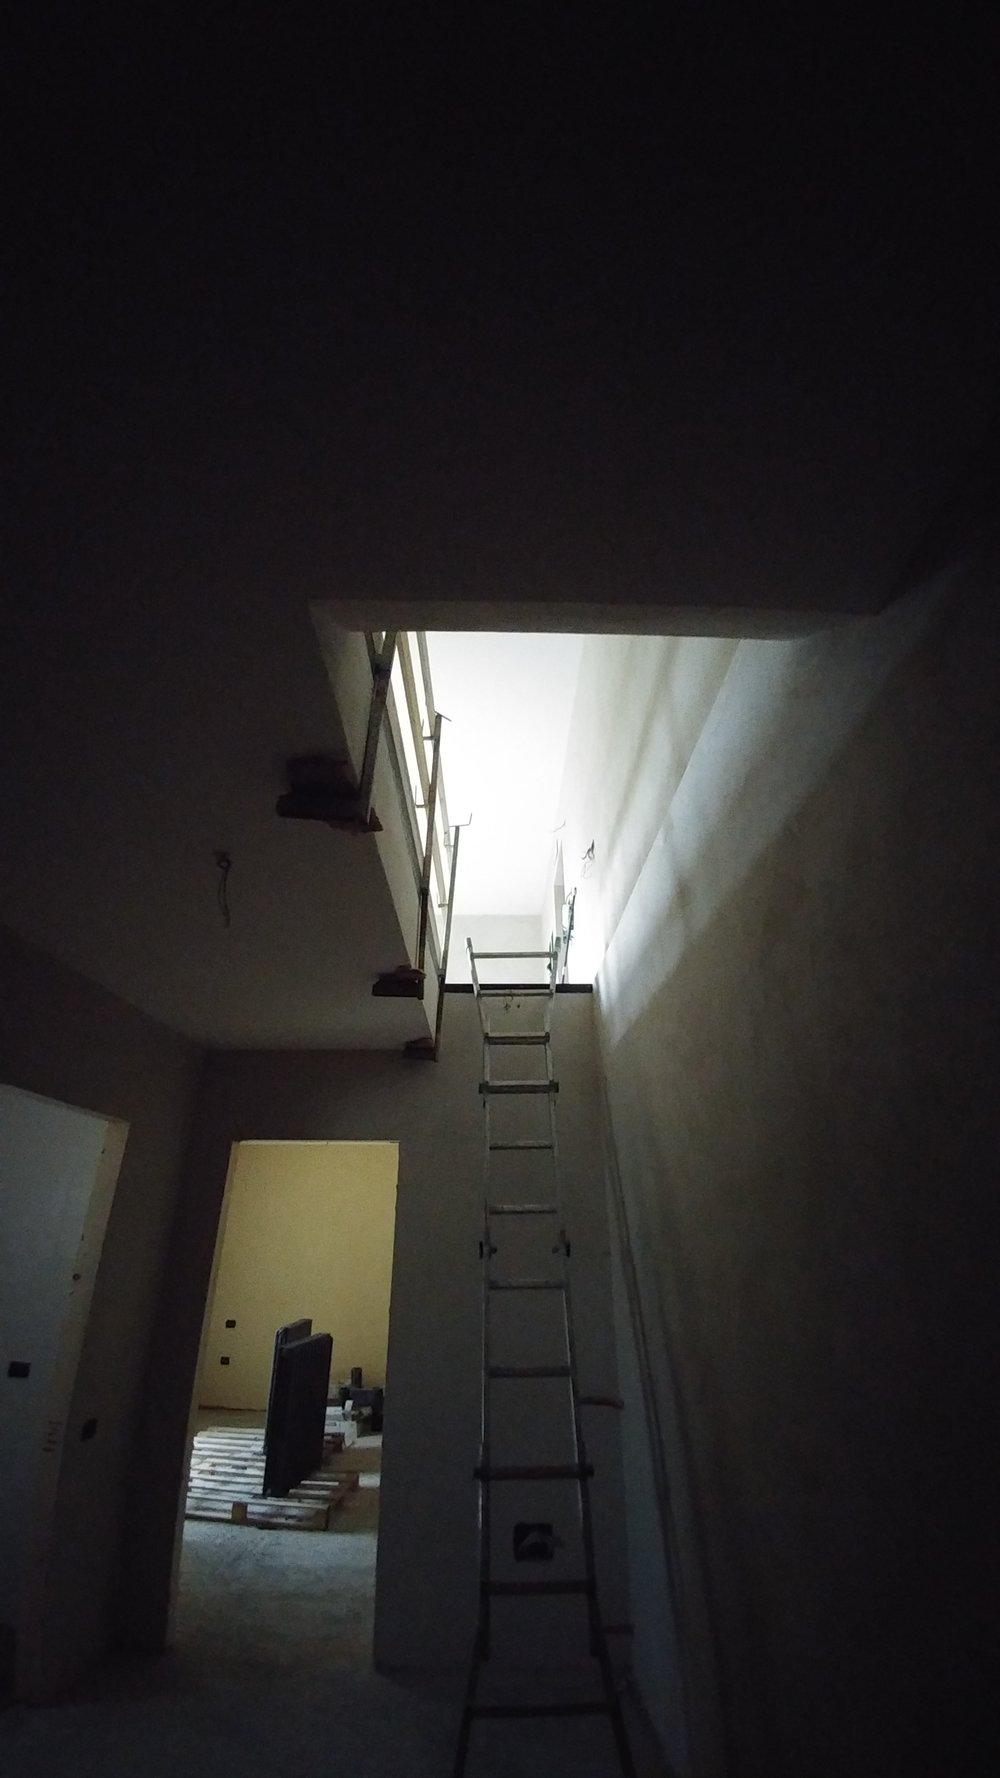 Il vano scala che collega la zona giorno alla zona notte